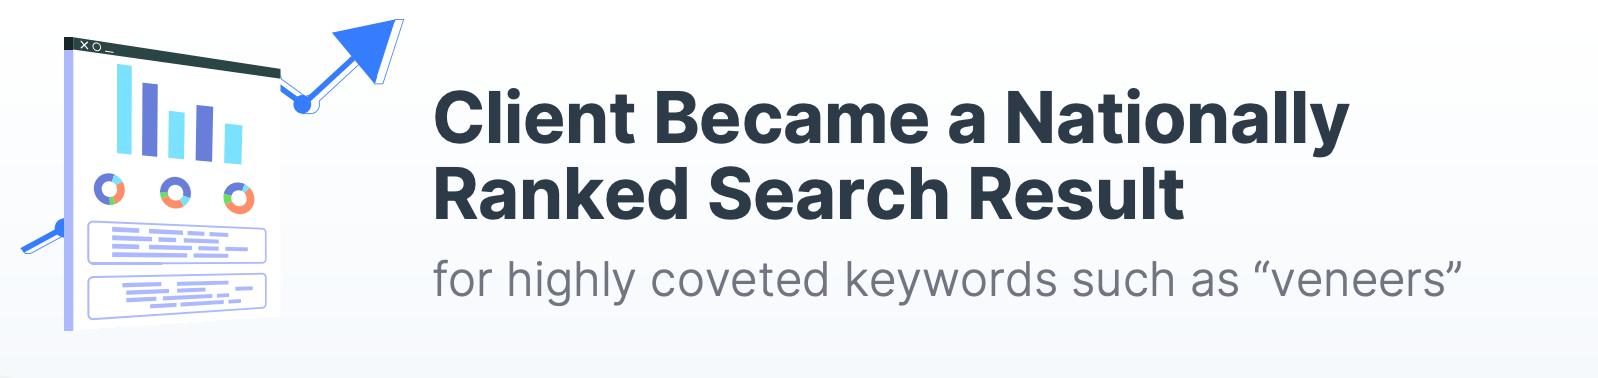 Nationally Ranked for Keyword Veneers